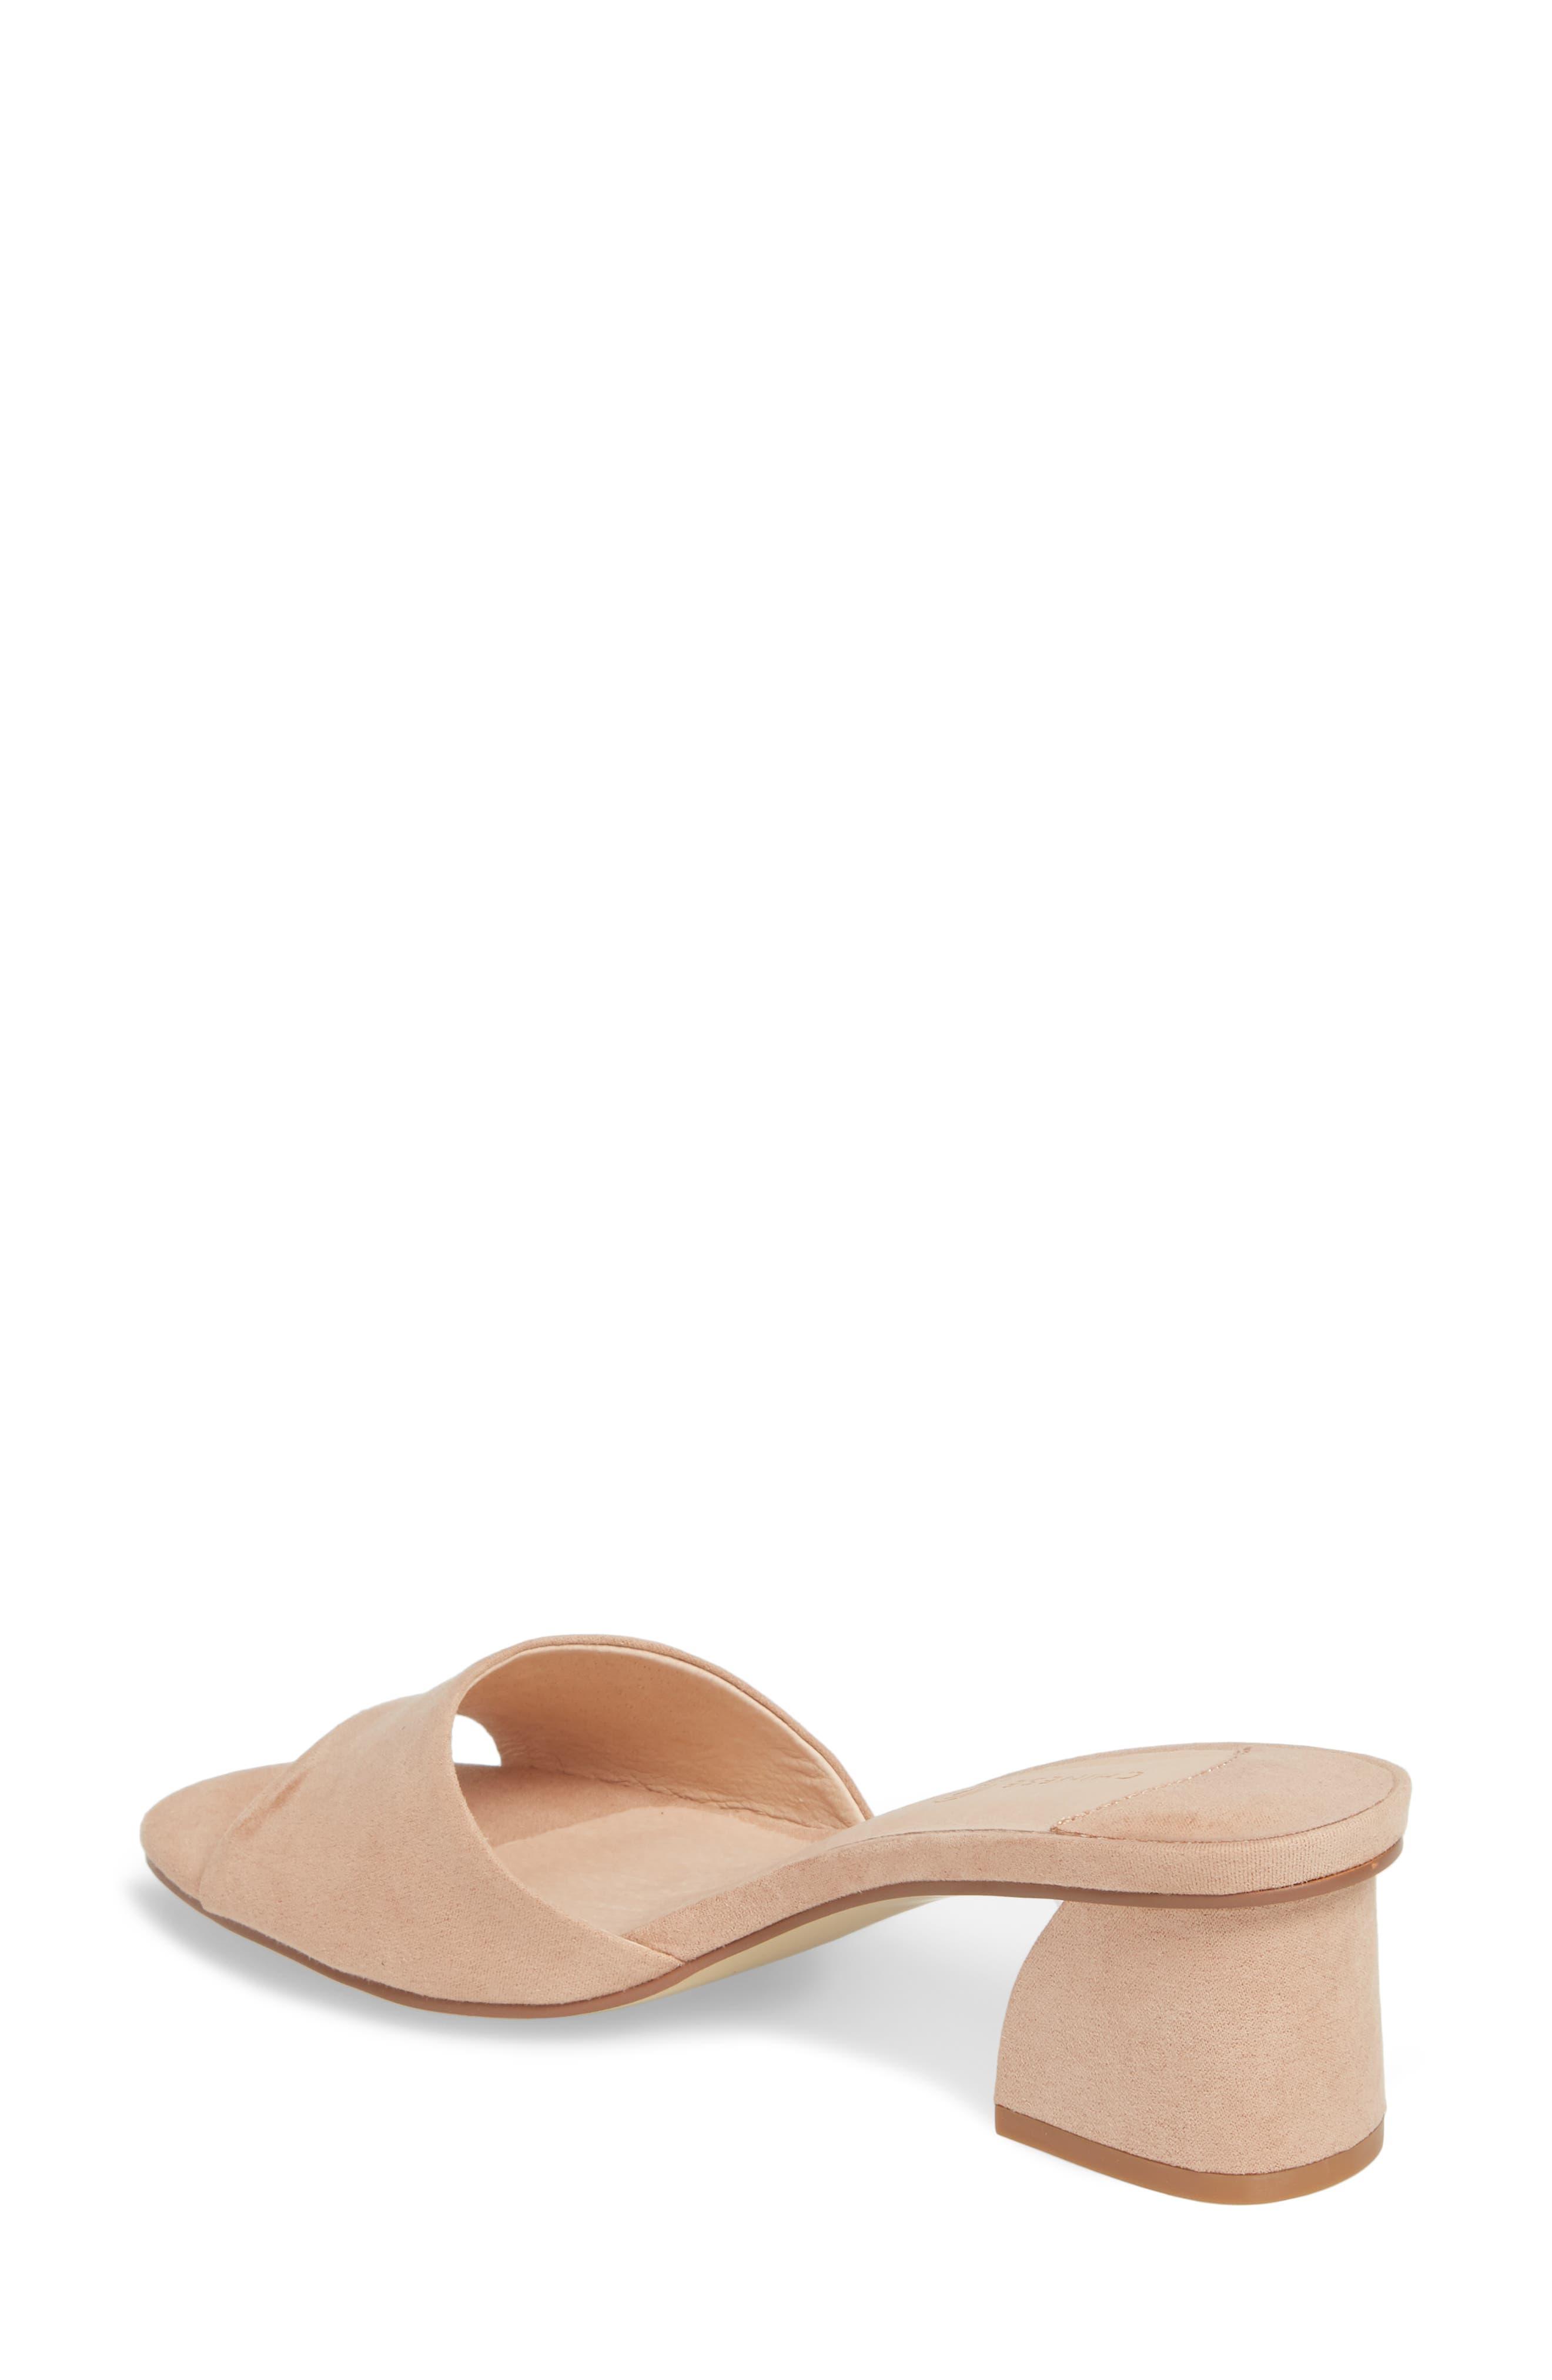 My Girl Slide Sandal,                             Alternate thumbnail 2, color,                             Beige